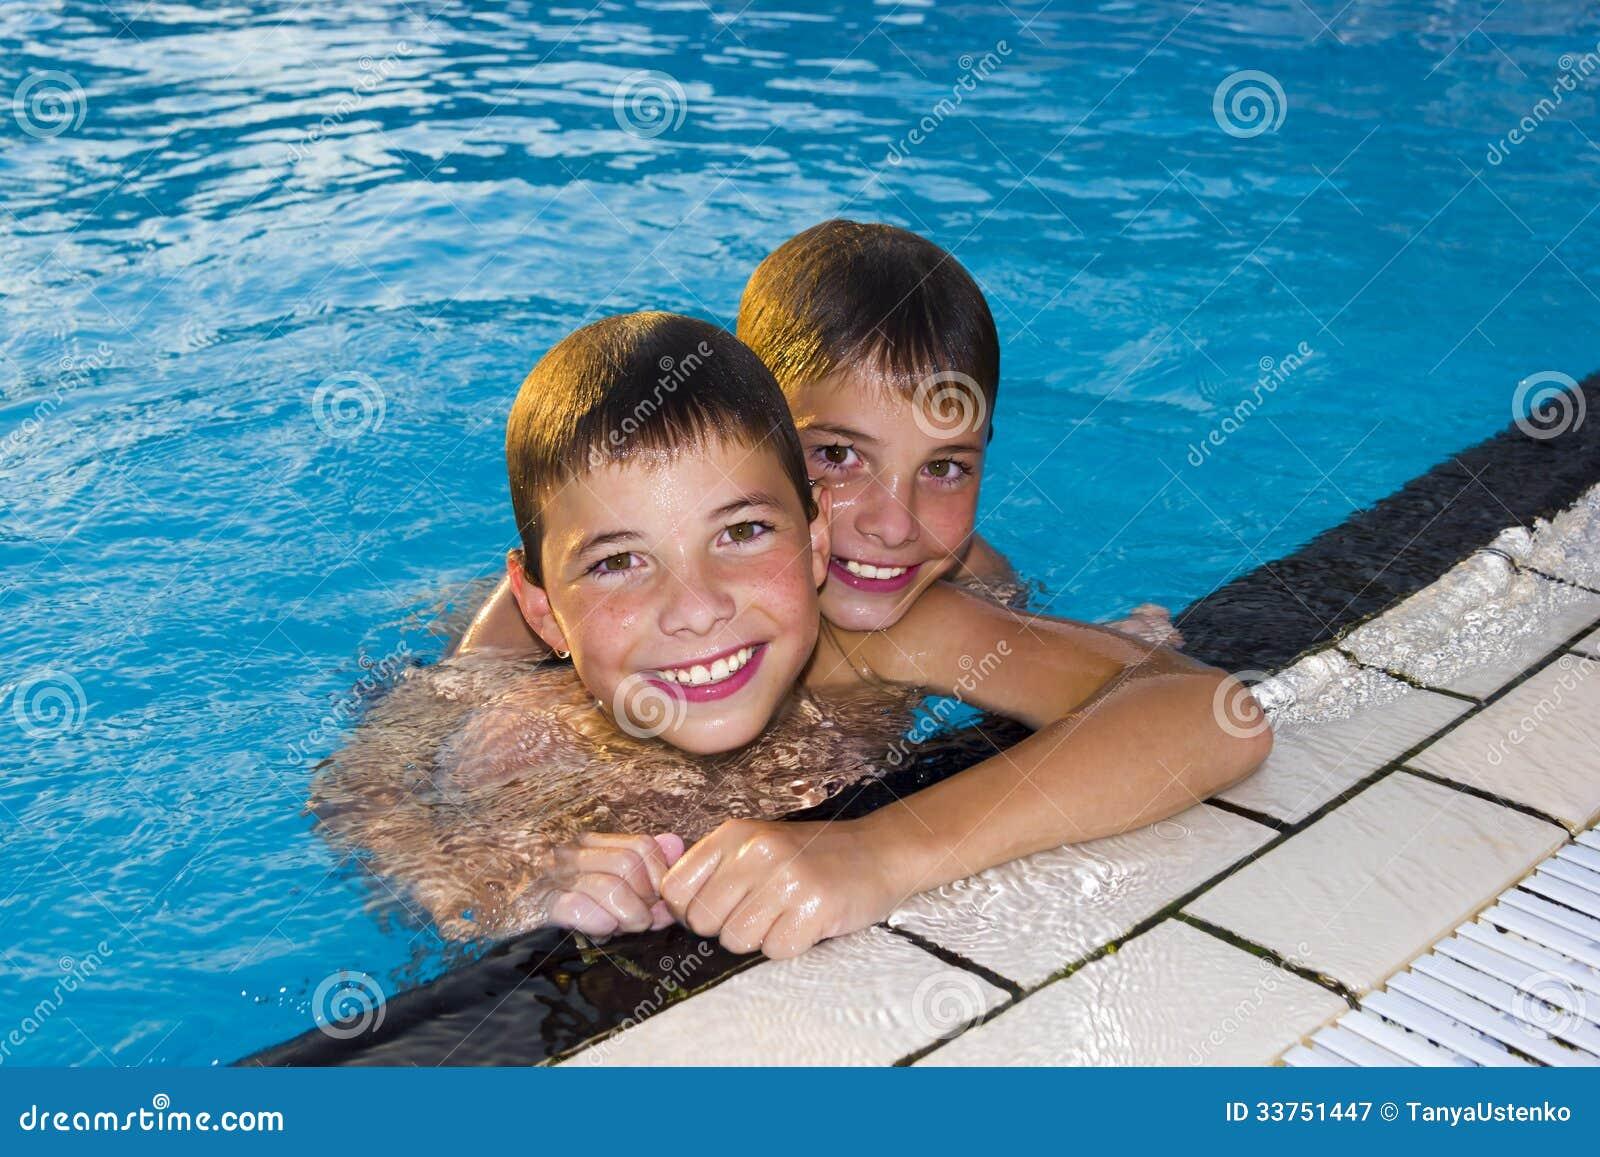 Fonkelnieuw Activiteiten Op De Pool. Leuke Jongens Die En In Water Zwemmen OW-91